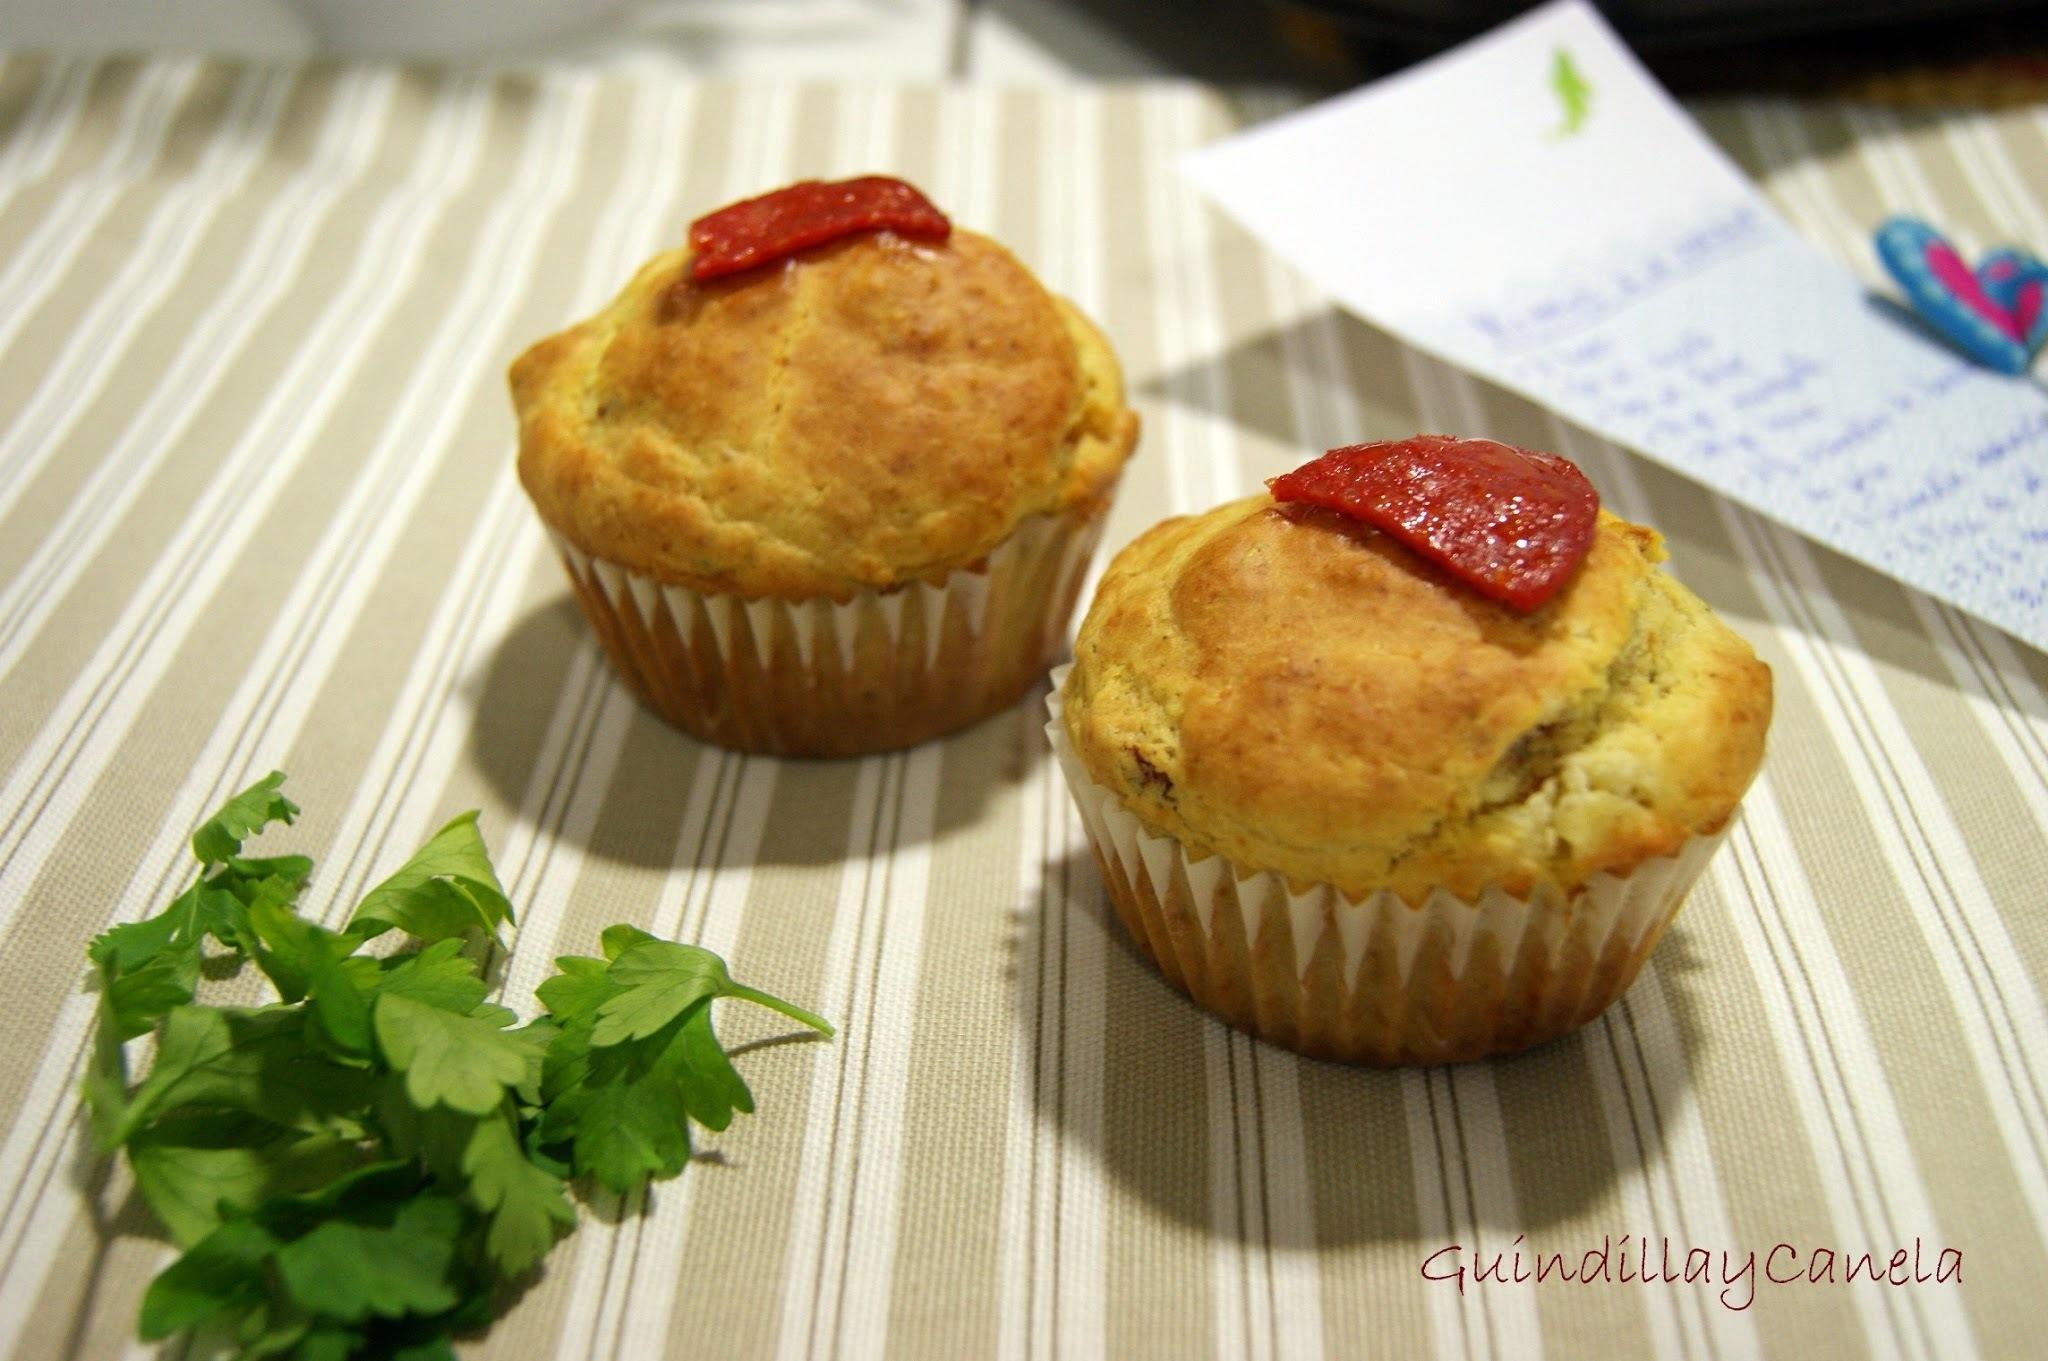 Ikea Muffins recetas de receta de los muffins de ikea mytaste